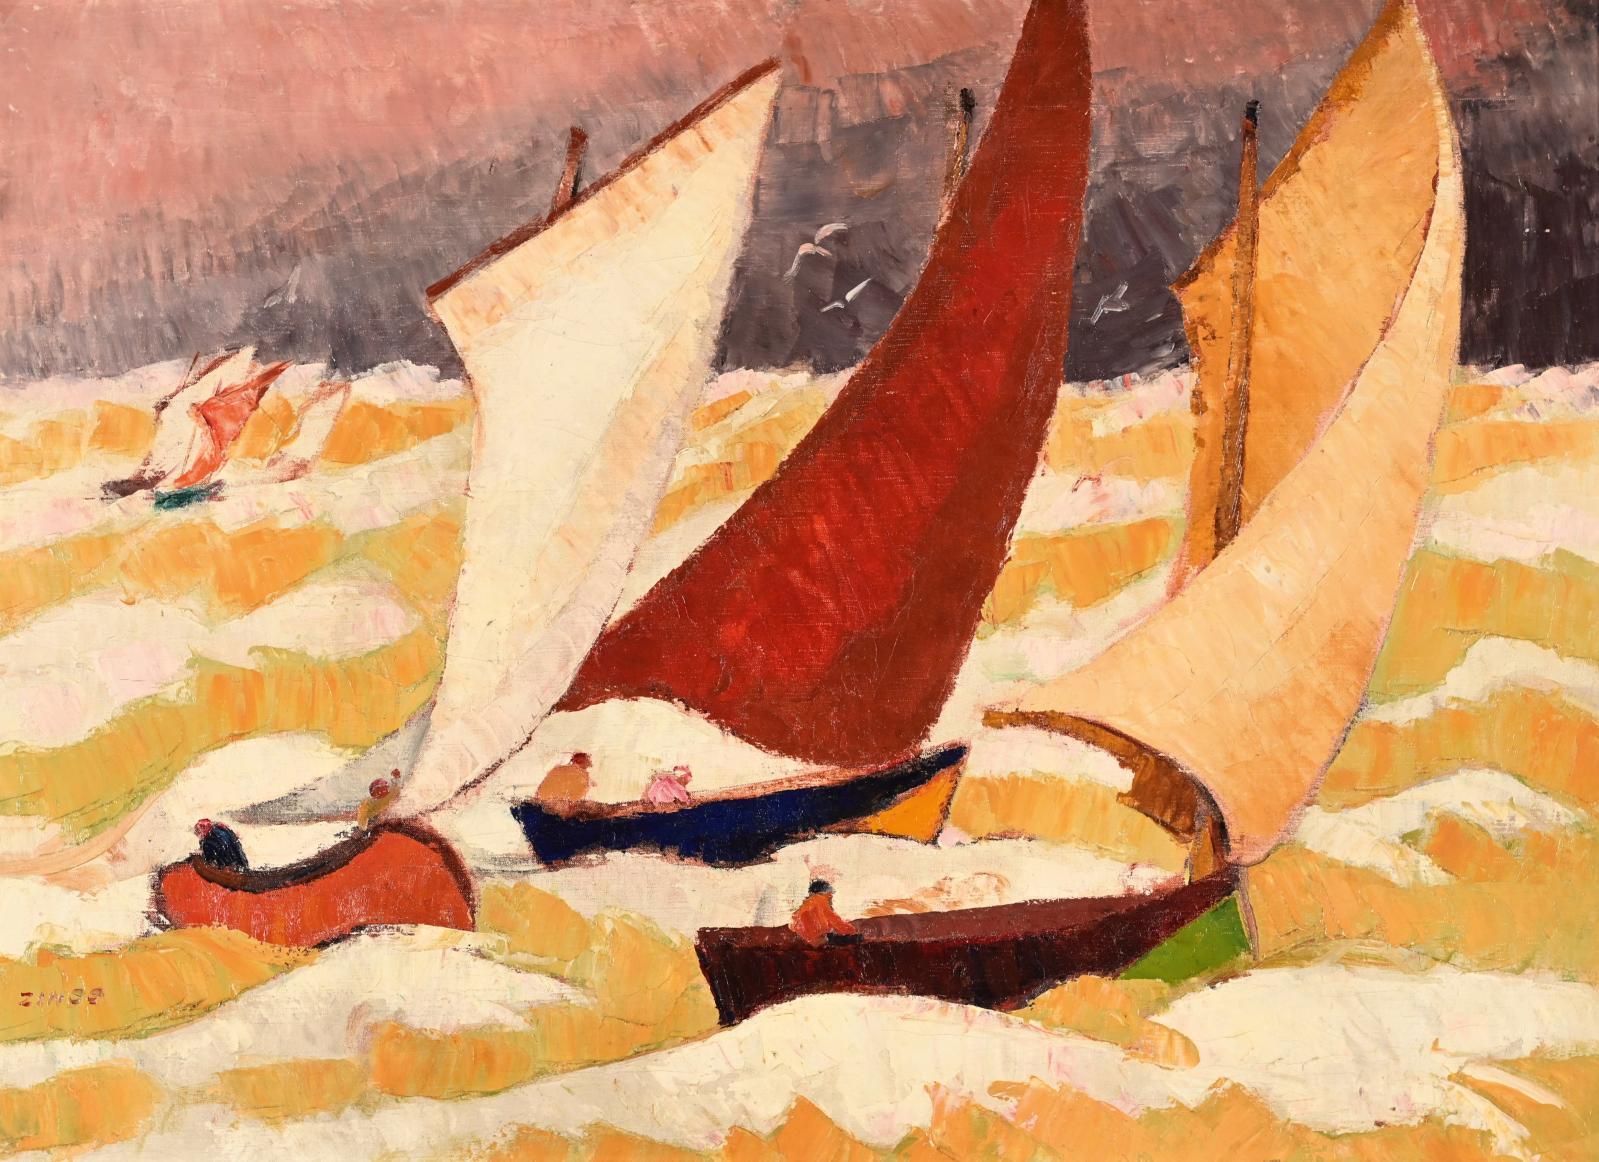 Il est plus connu pour ses paysages hivernaux francs-comtois, sa région natale. Pourtant, Jules-Émile Zingg(1882-1942) a également brossé